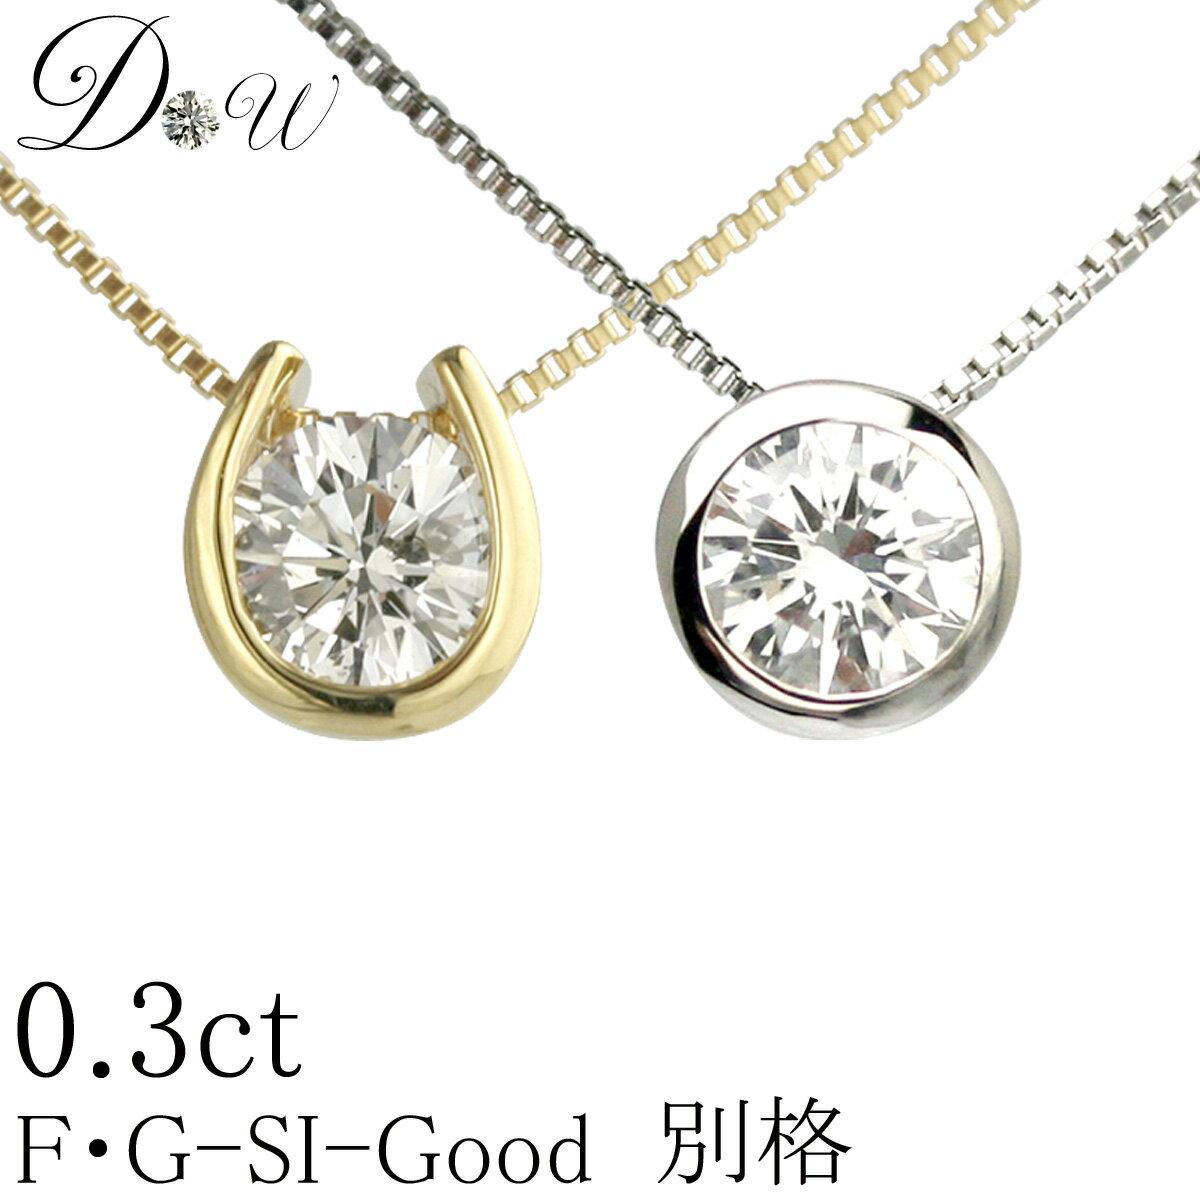 ダイヤモンド ネックレス 0.3ct天然ダイヤモンド 無色透明 F・GカラーSIクラス Goodカット品質保証書付【輝き厳選保証】今なら!プラス1.000円(税別)〜でソーティング付ダイヤが!カラー等によって金額が異なります。